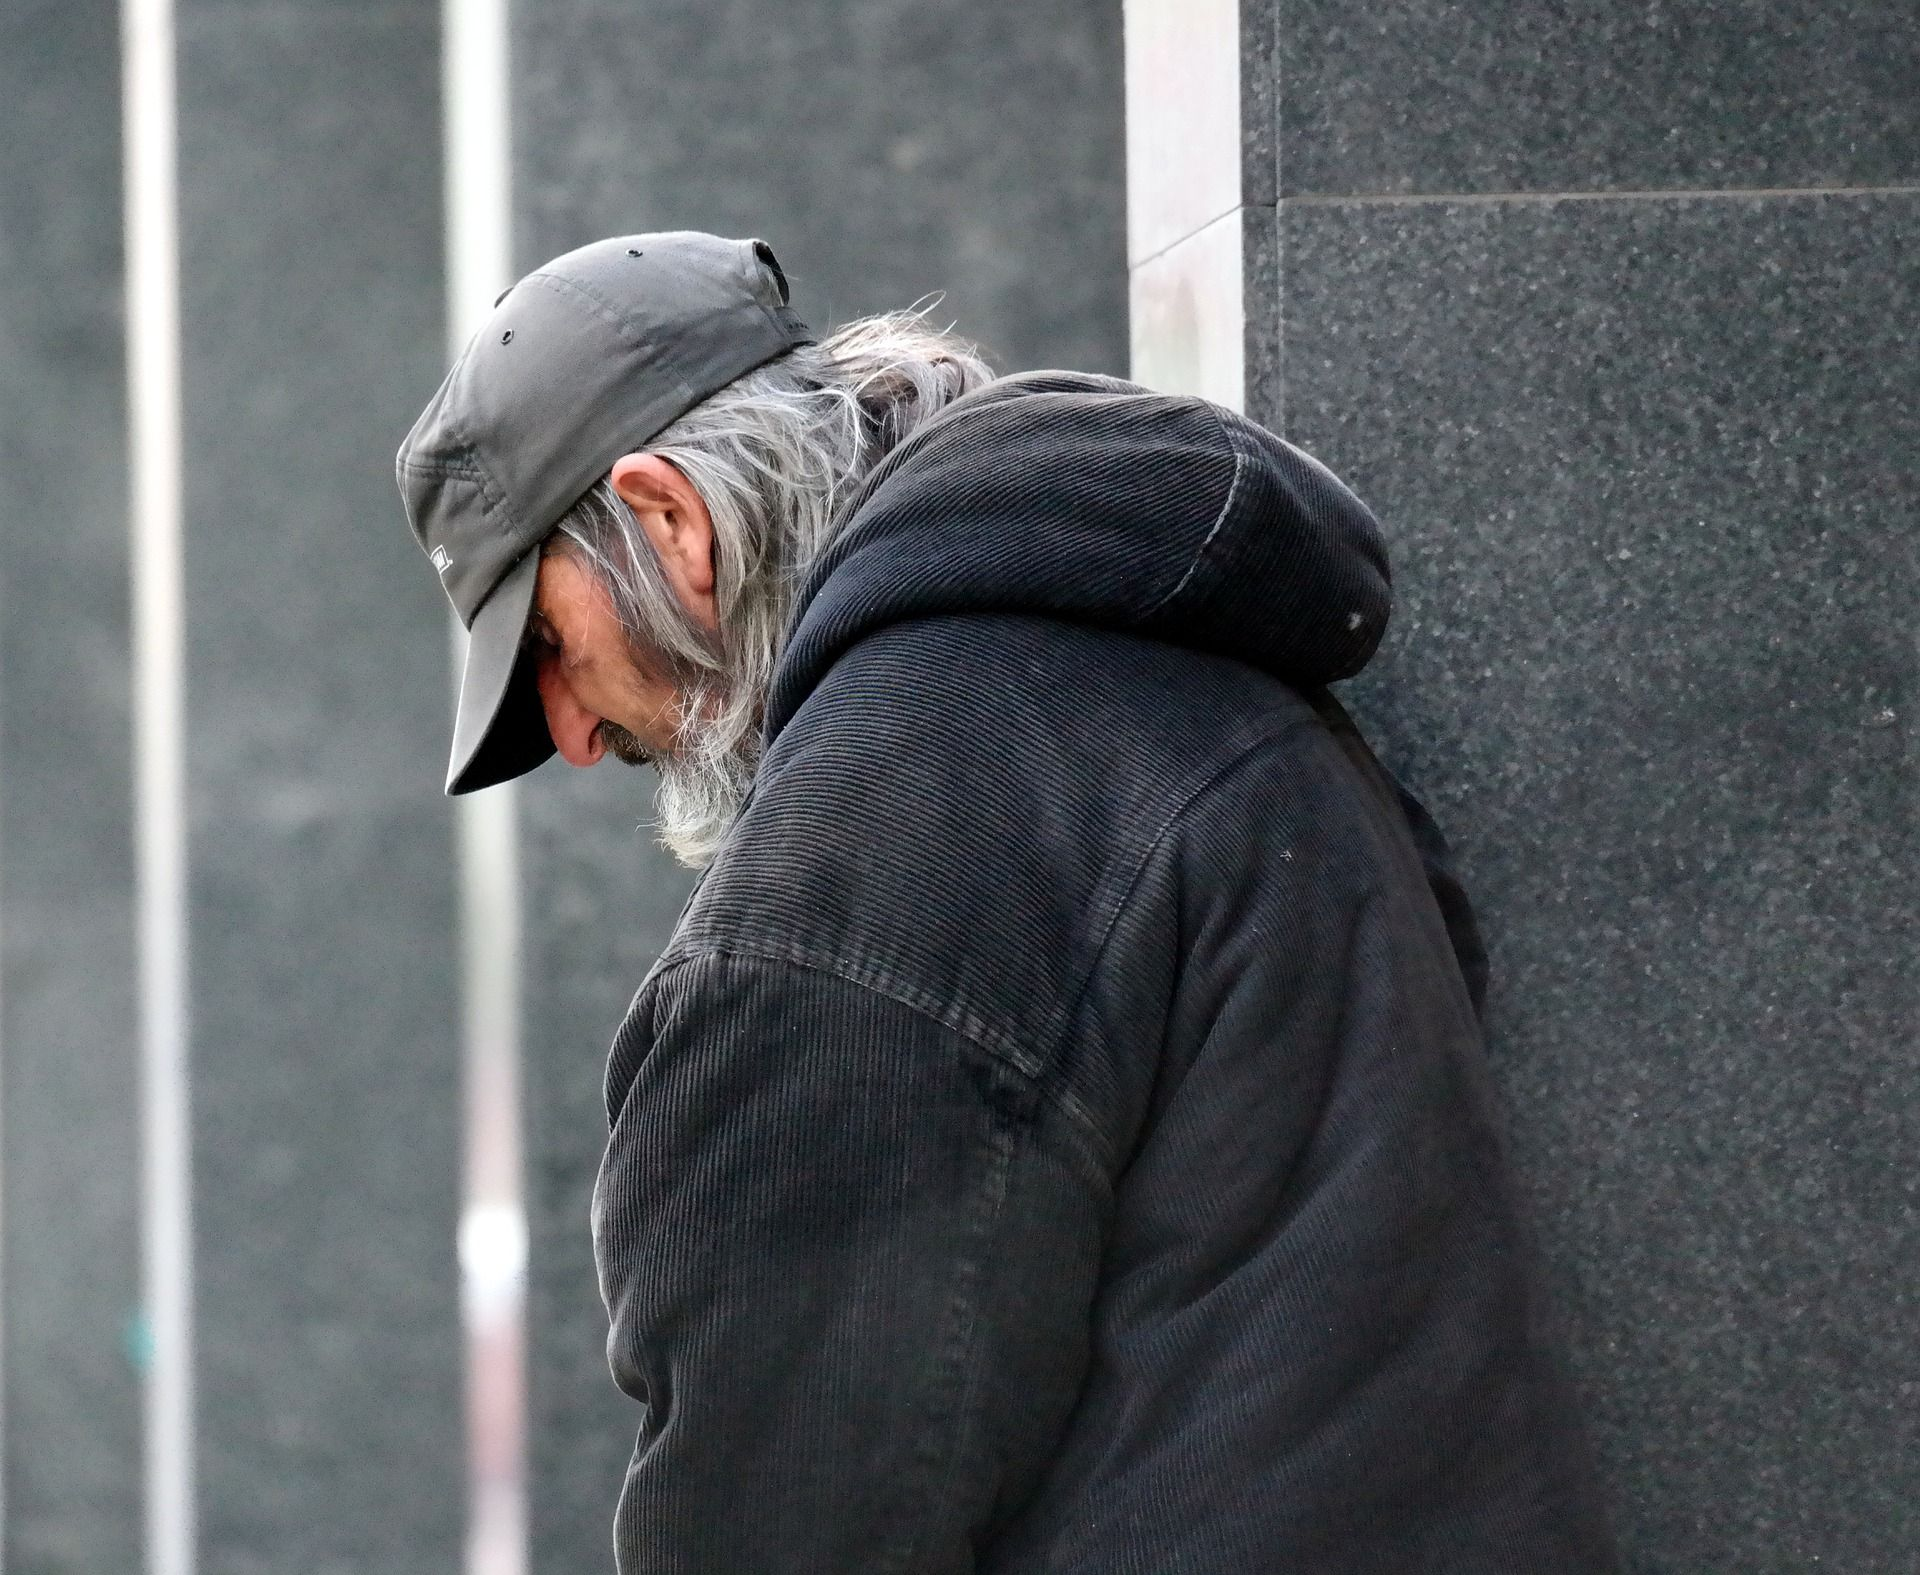 Pomoc osobom bezdomnym w chłodne dni